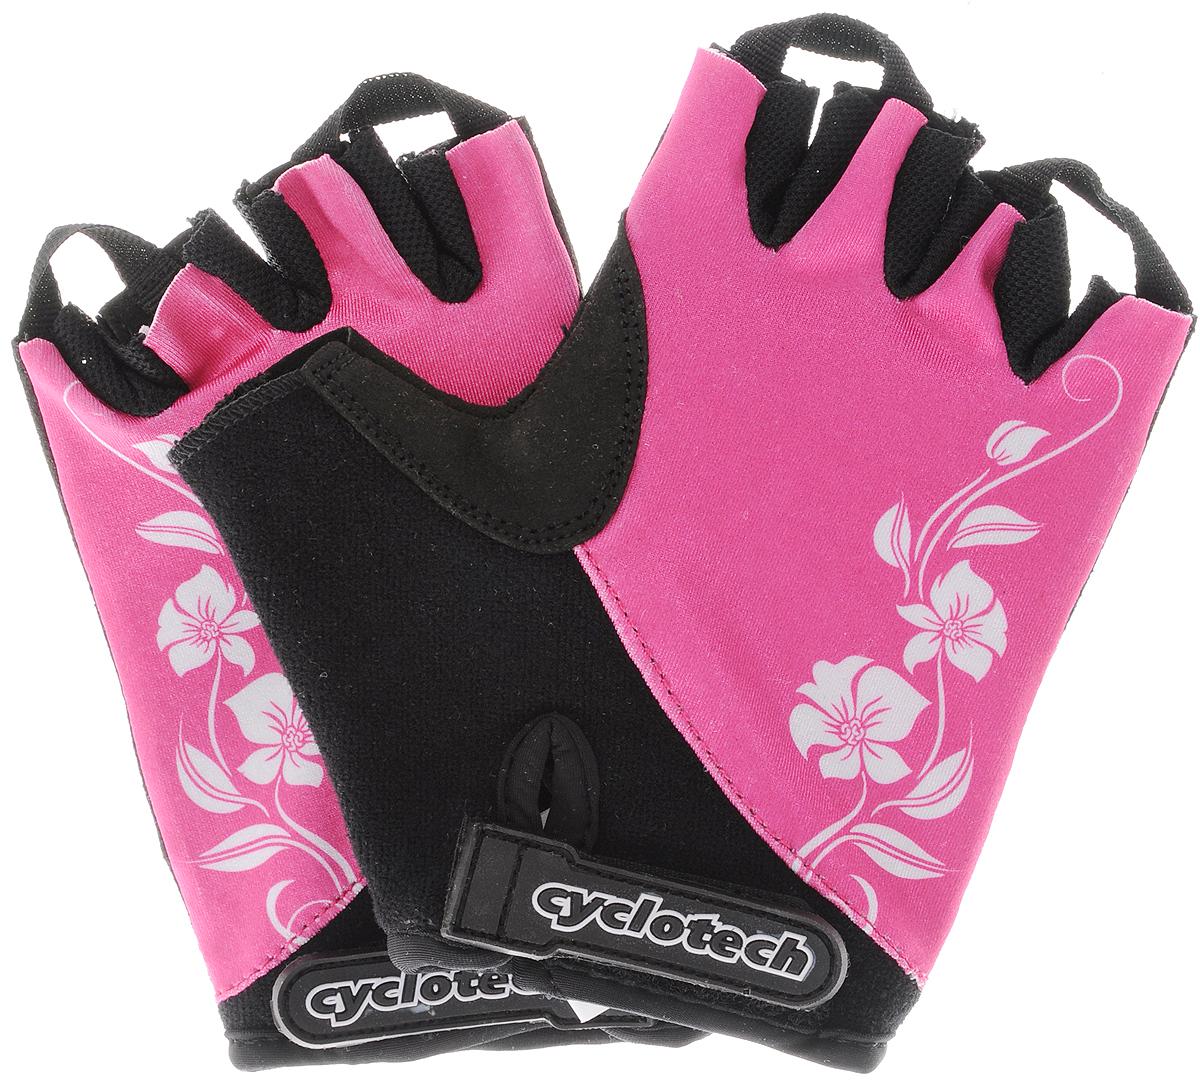 Велоперчатки Cyclotech, цвет: черный, розовый, белый. Размер MCANNA-PMПрочные и удобные велоперчатки Cyclotech выполнены из высококачественного полиамида, эластана и хлопка. Ладони оснащены мягкими вставками. Застежка надежно фиксирует перчатки на руке. Перчатки хорошо вентилируются, не дают руке скользить на руле и частично гасят неприятные вибрации.